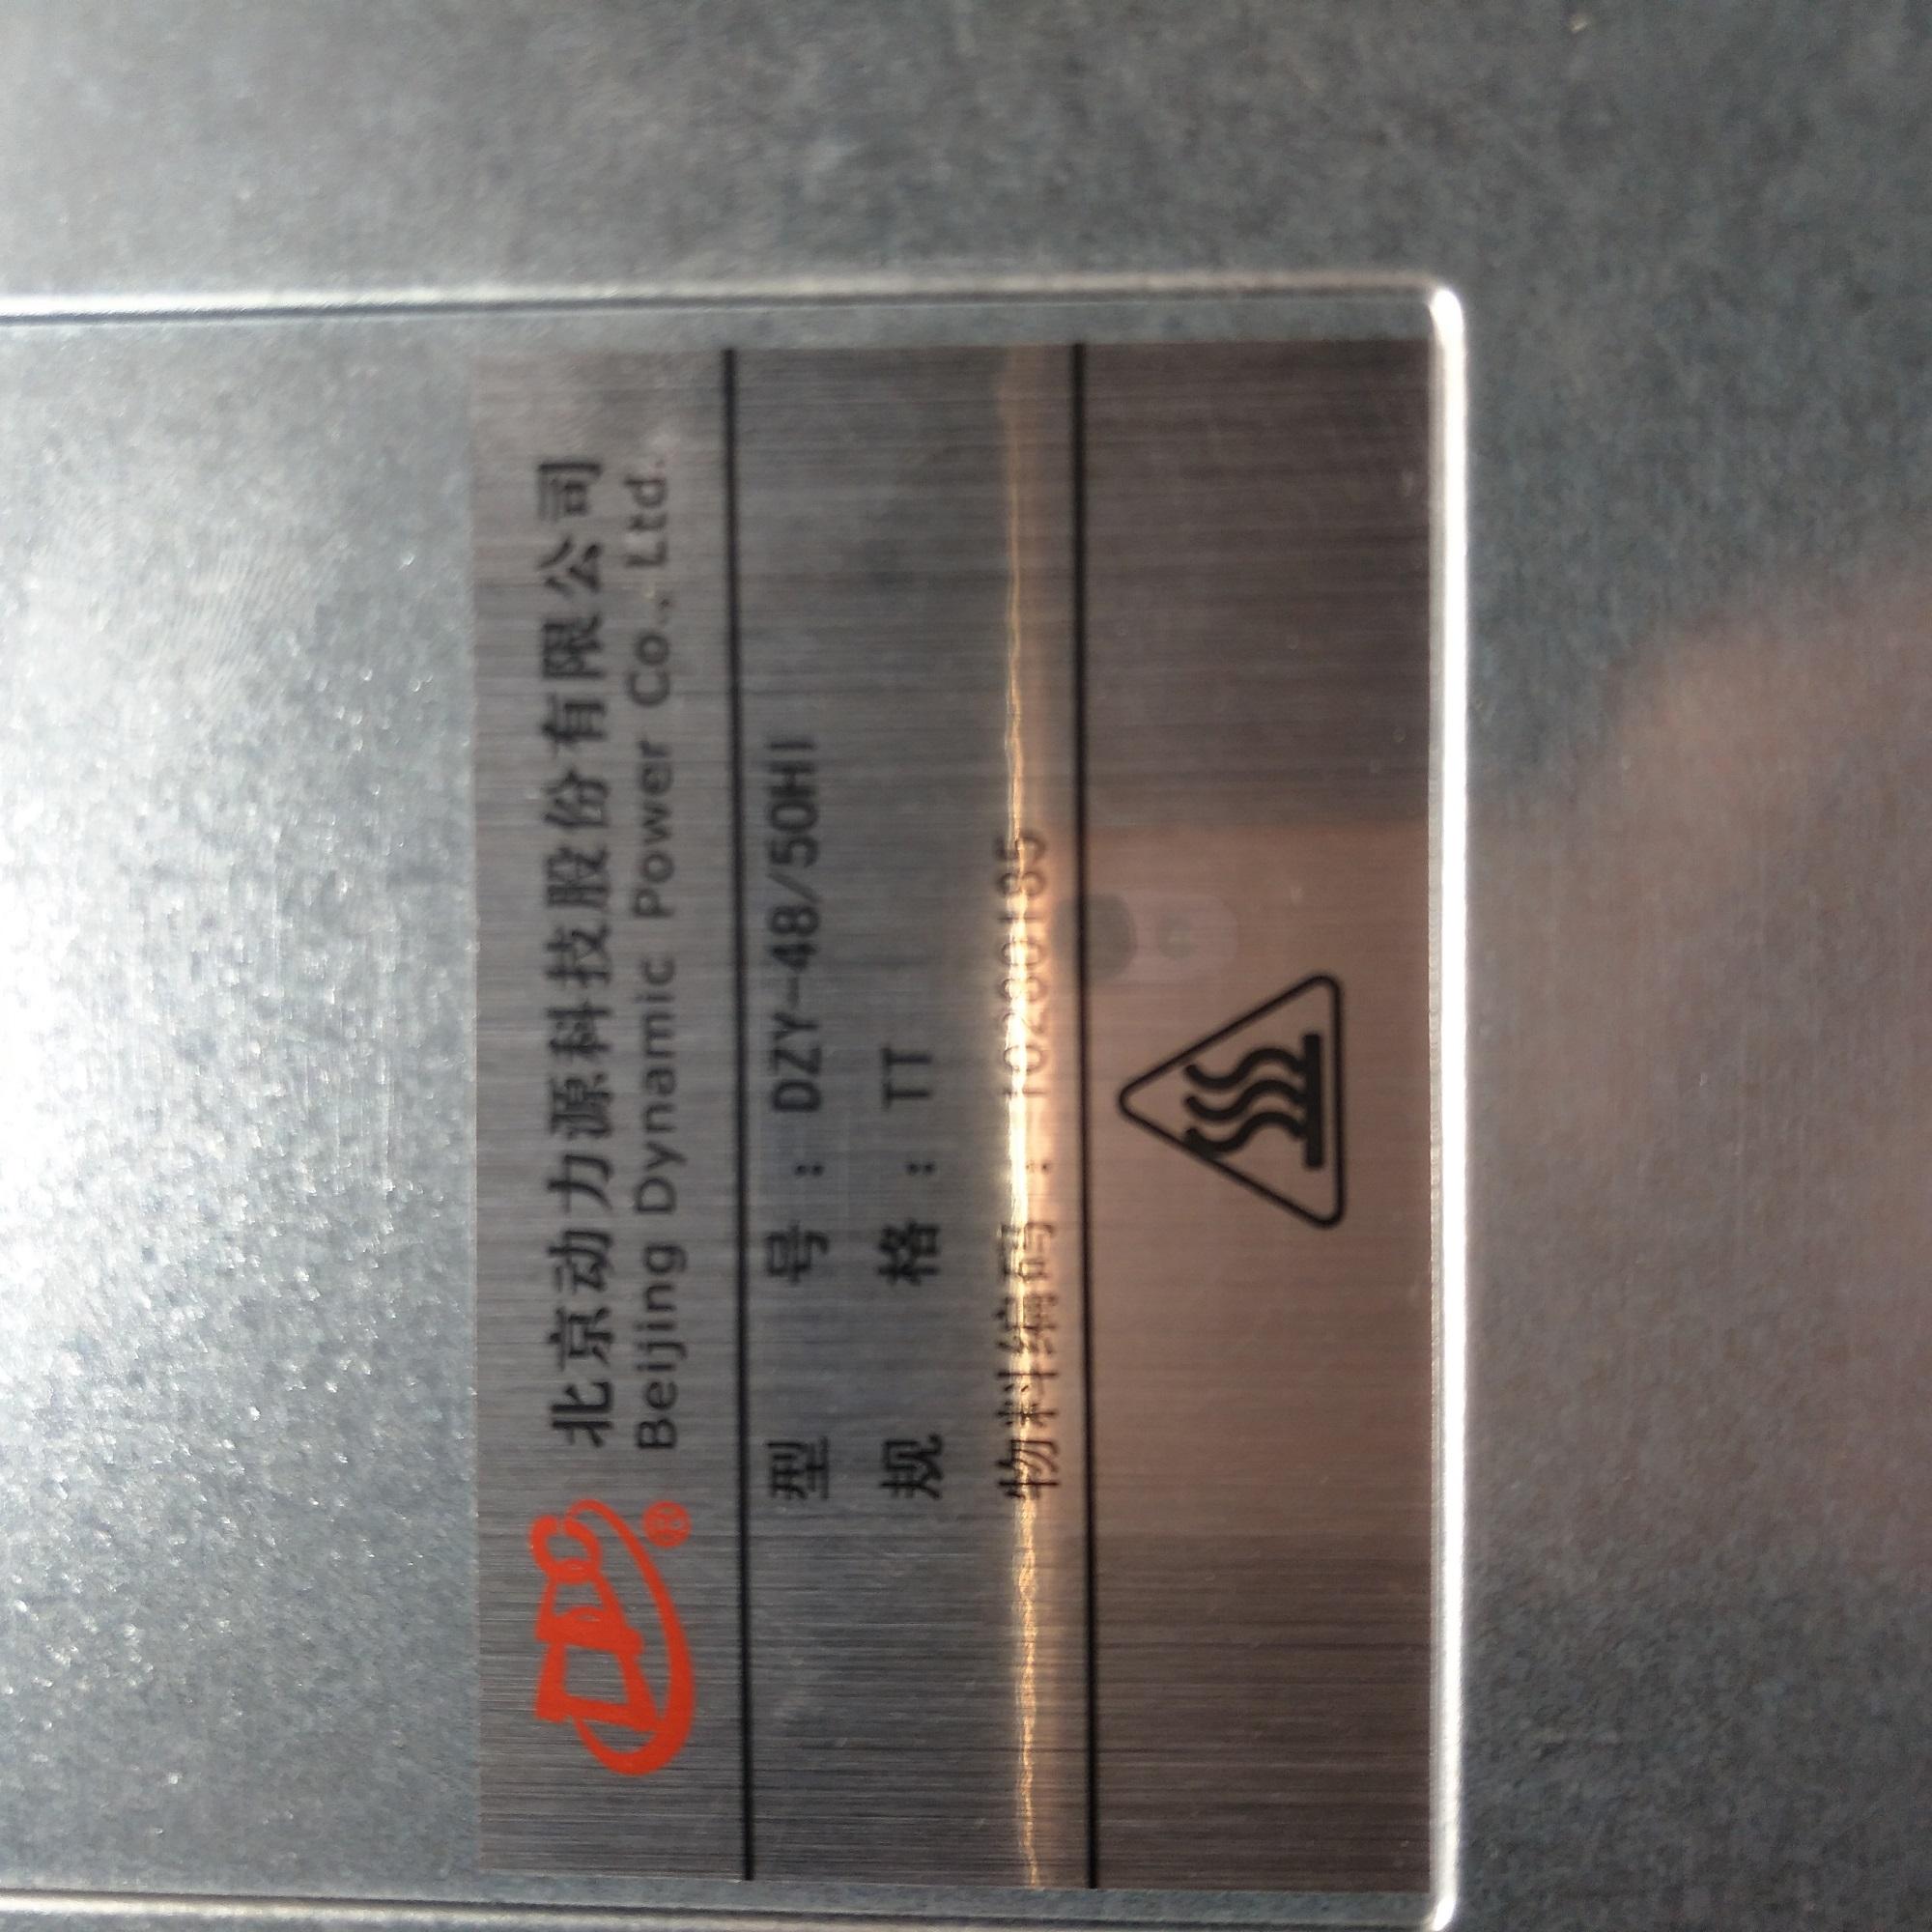 动力源dzy-48/50hi通信电源模块 动力源dzy-48-50hi整流模块